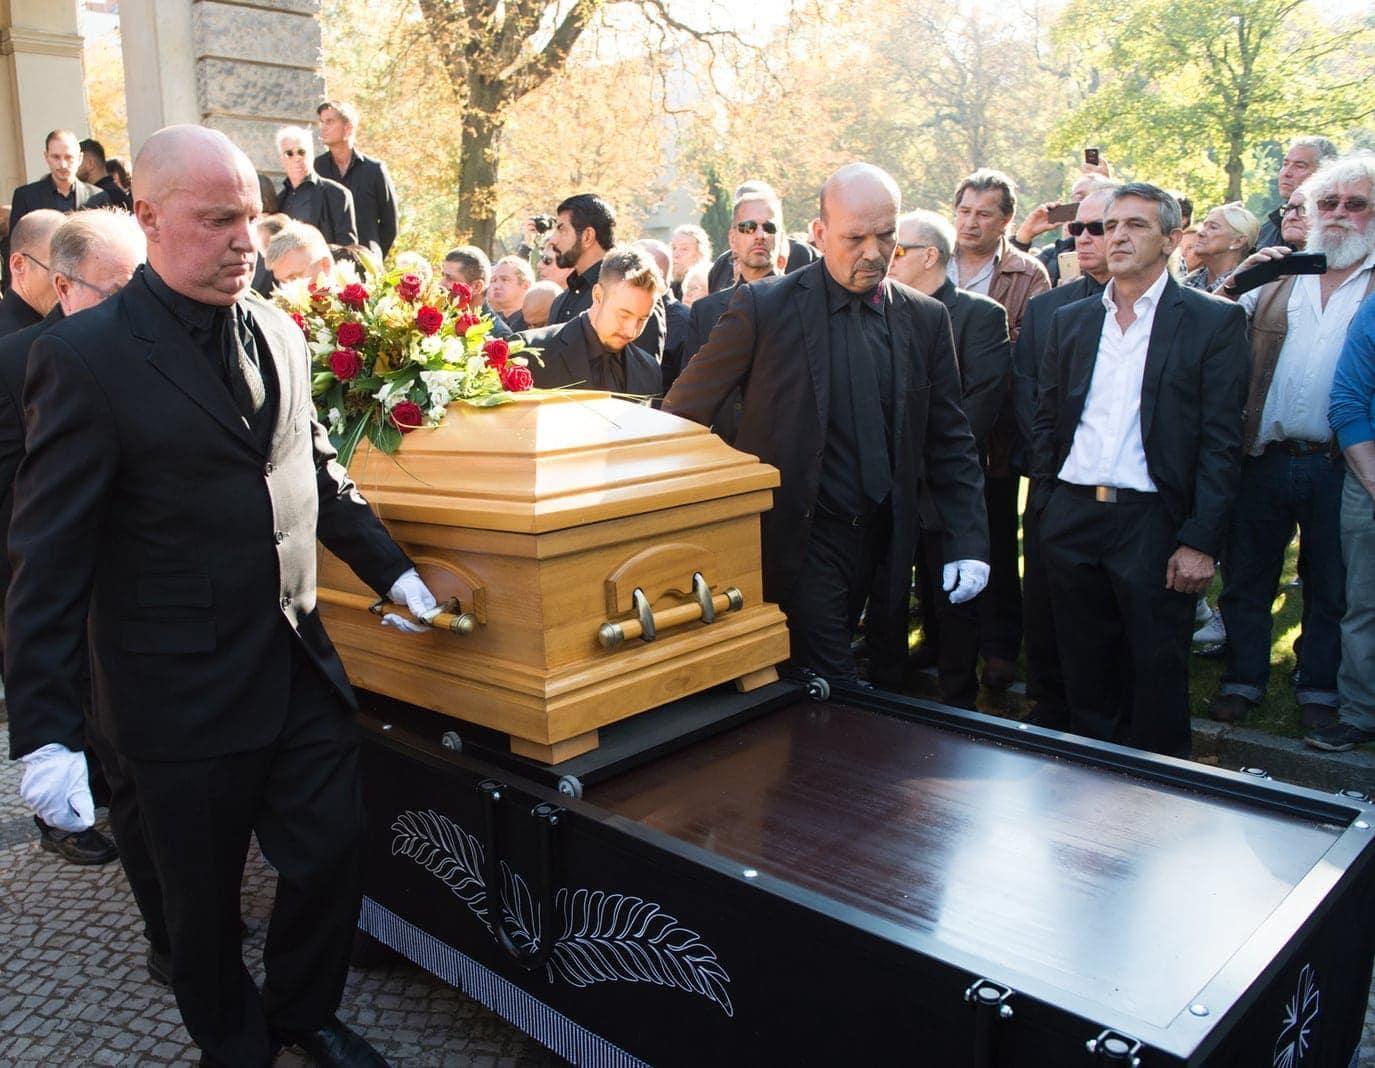 <p>Der ehemalige Box-Weltmeister Graciano Rocchigiani ist unter großer Anteilnahme auf dem Alten St. Matthäus-Friedhof in Berlin-Schöneberg beigesetzt worden.</p> Foto: Annegret Hilse/dpa